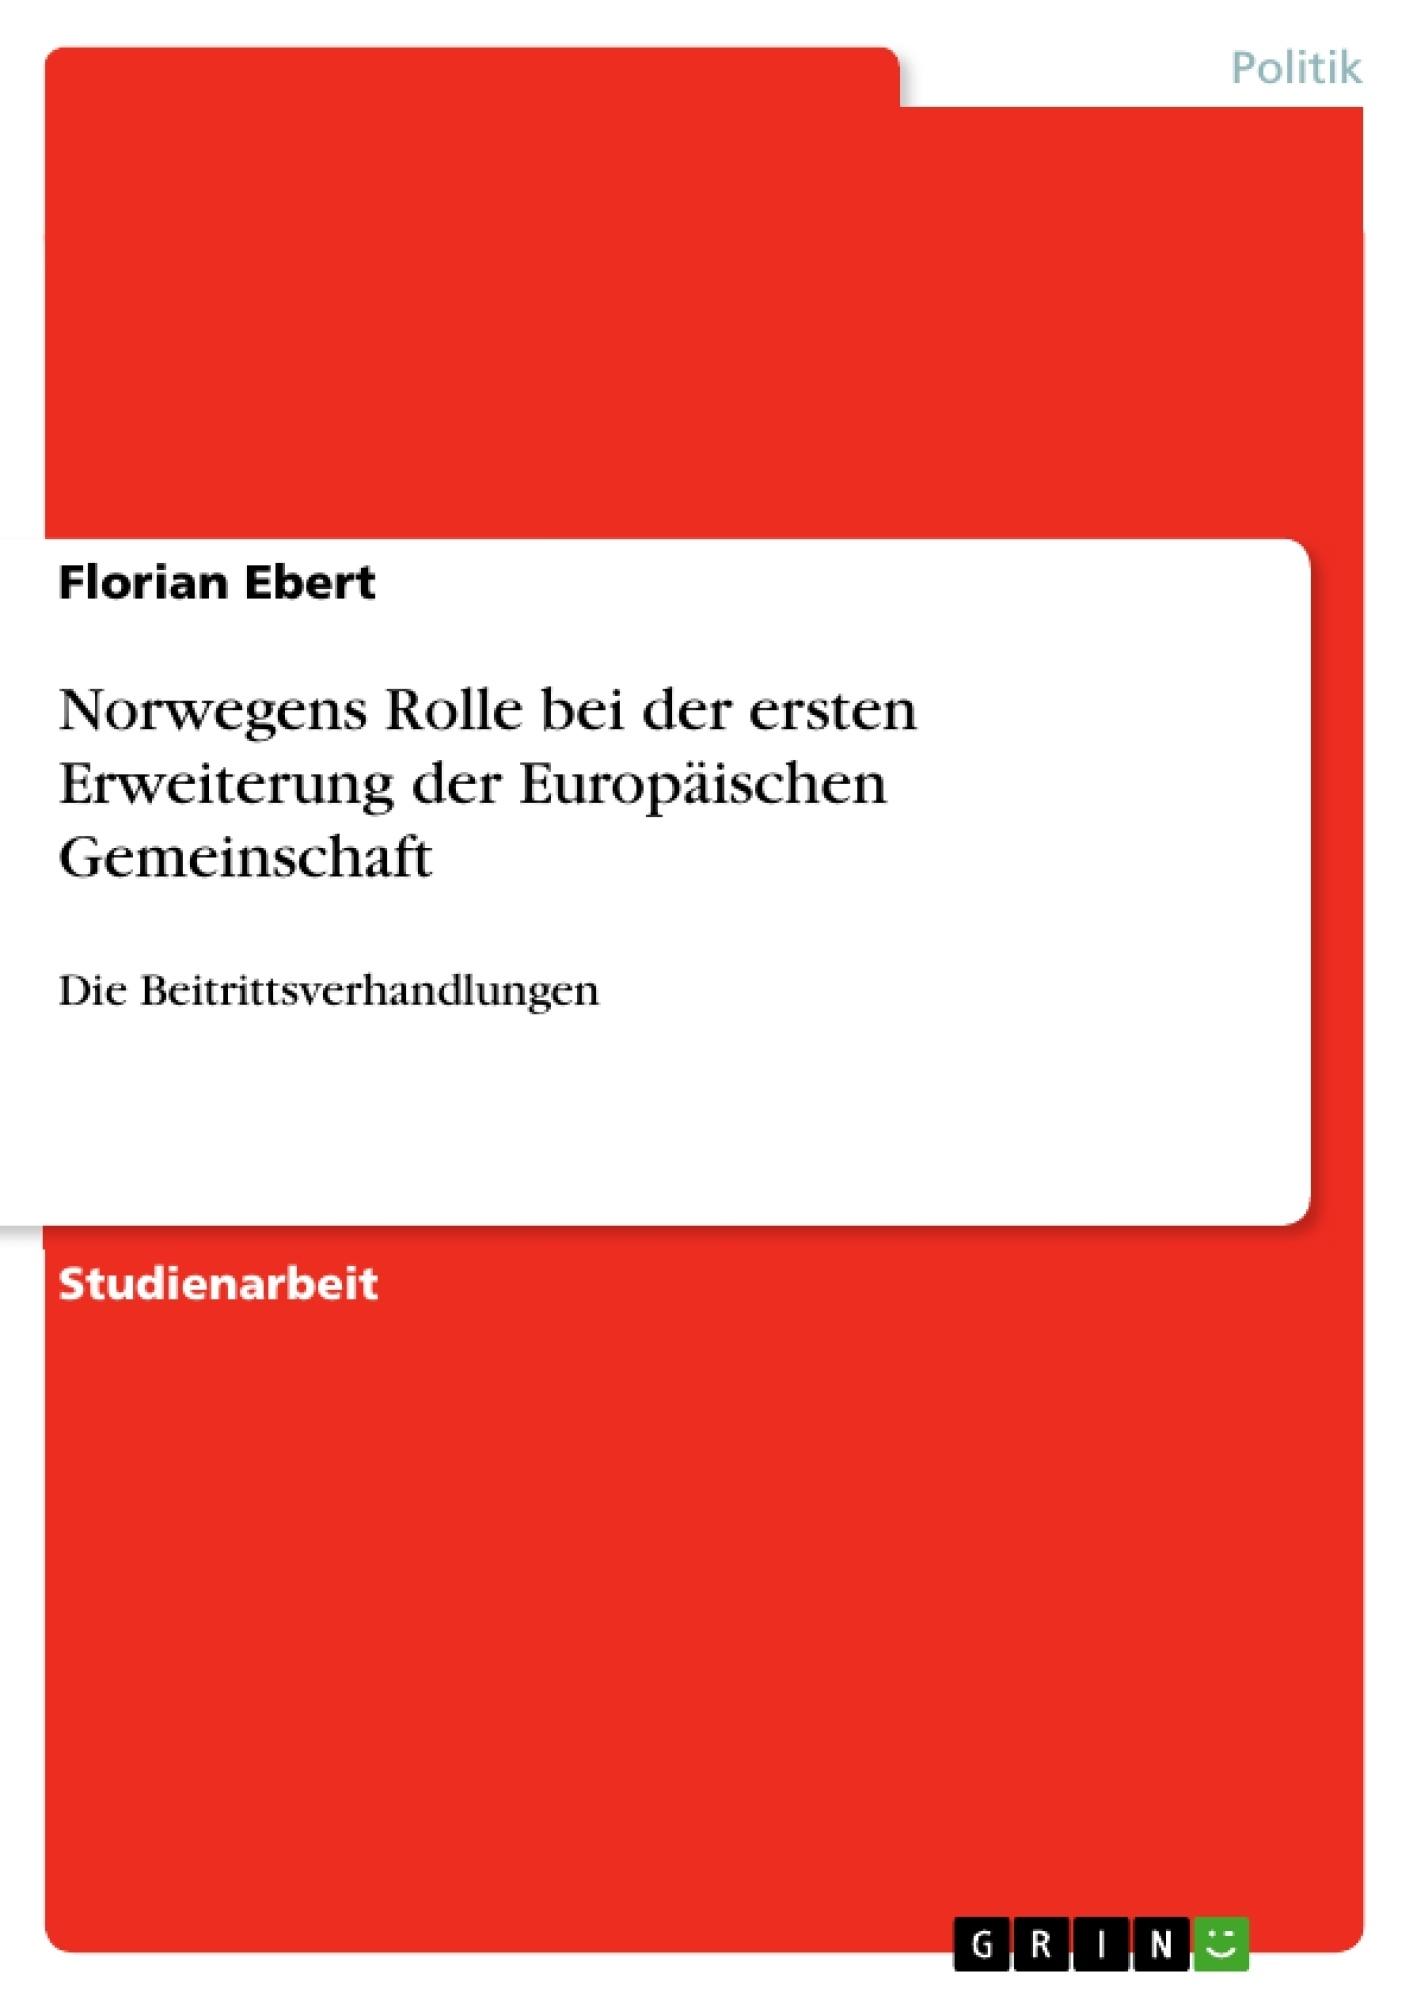 Titel: Norwegens Rolle bei der ersten Erweiterung der Europäischen Gemeinschaft